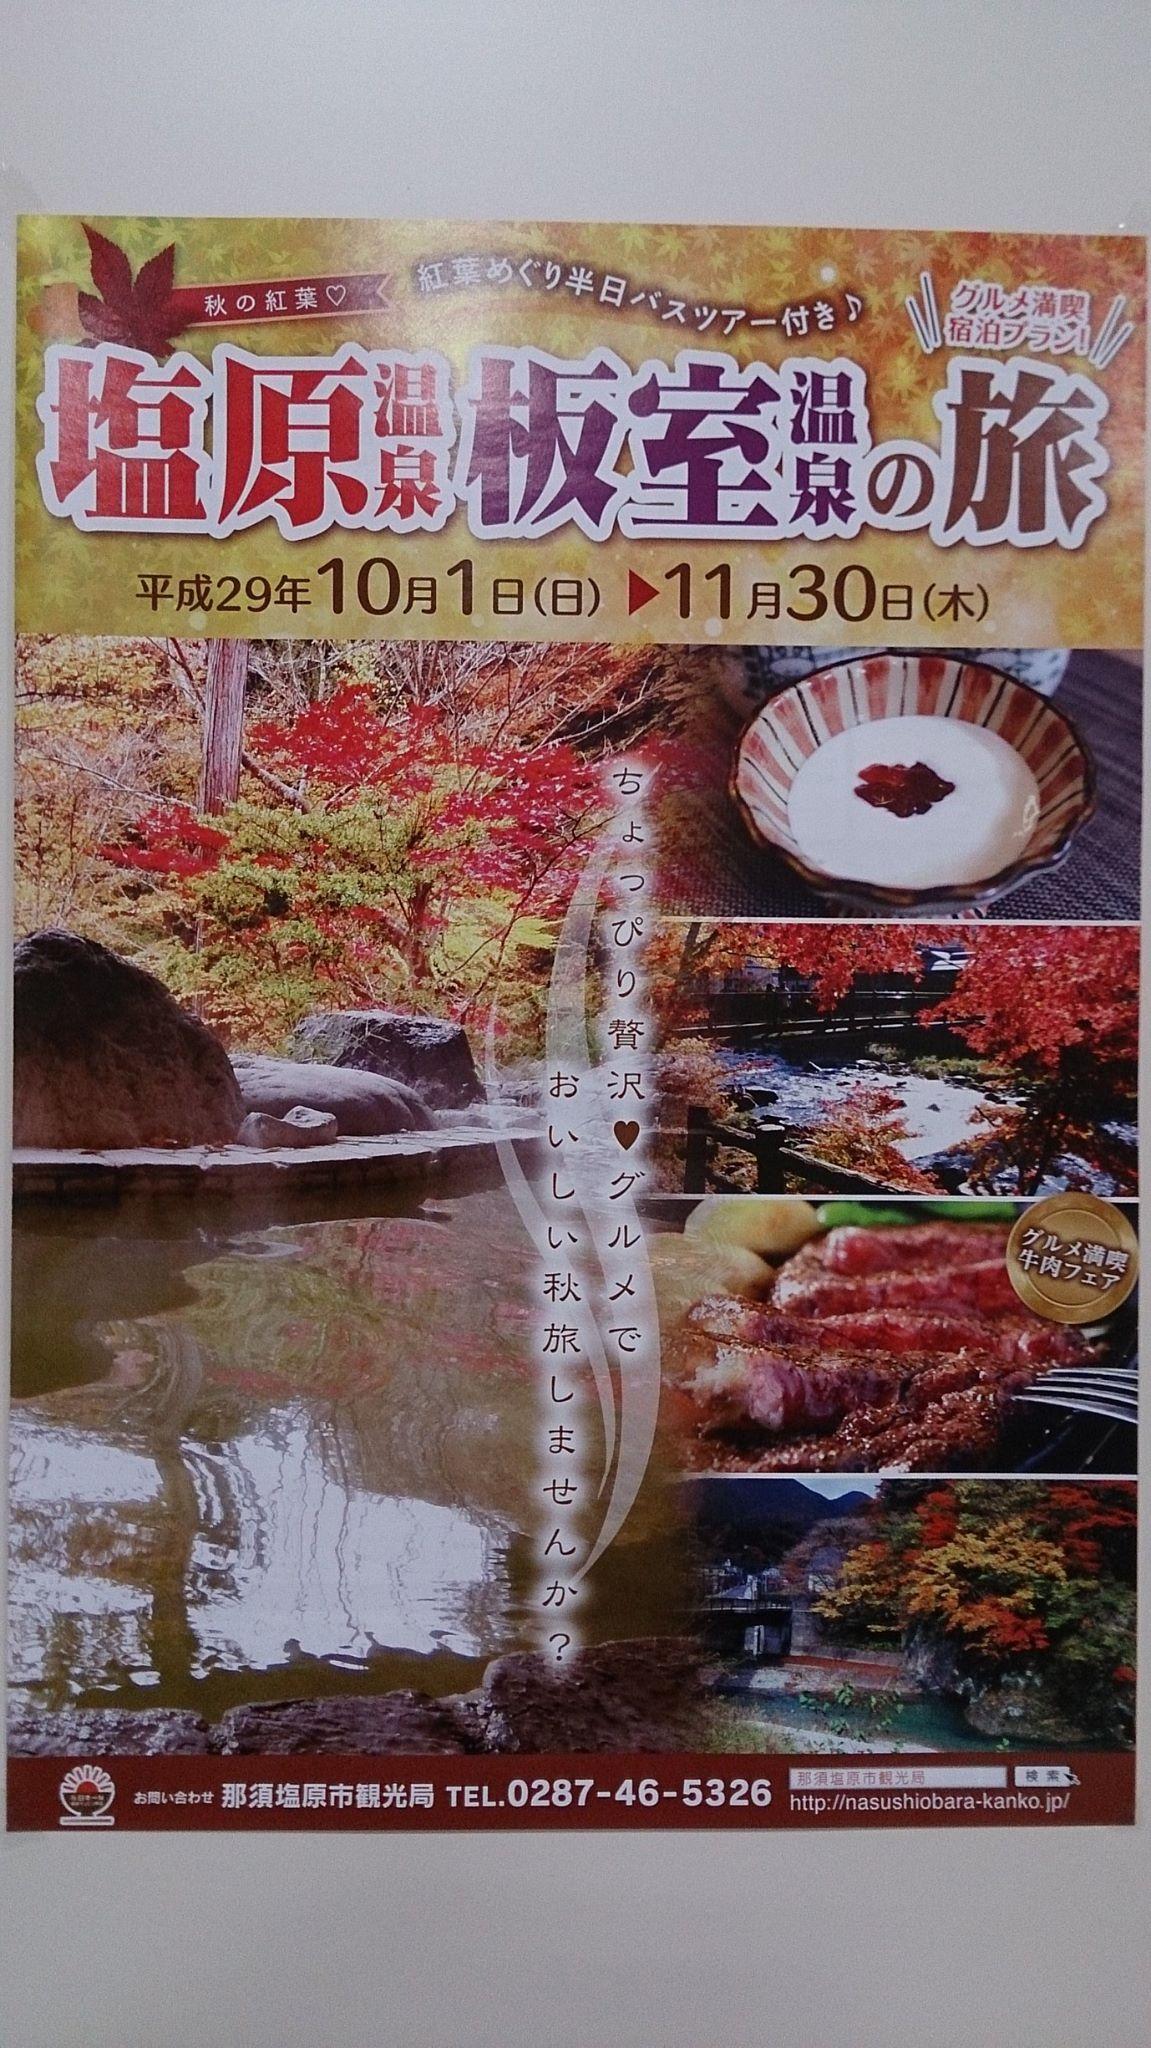 10/1〜 紅葉めぐり半日バスツアー付き塩原・板室温泉の旅